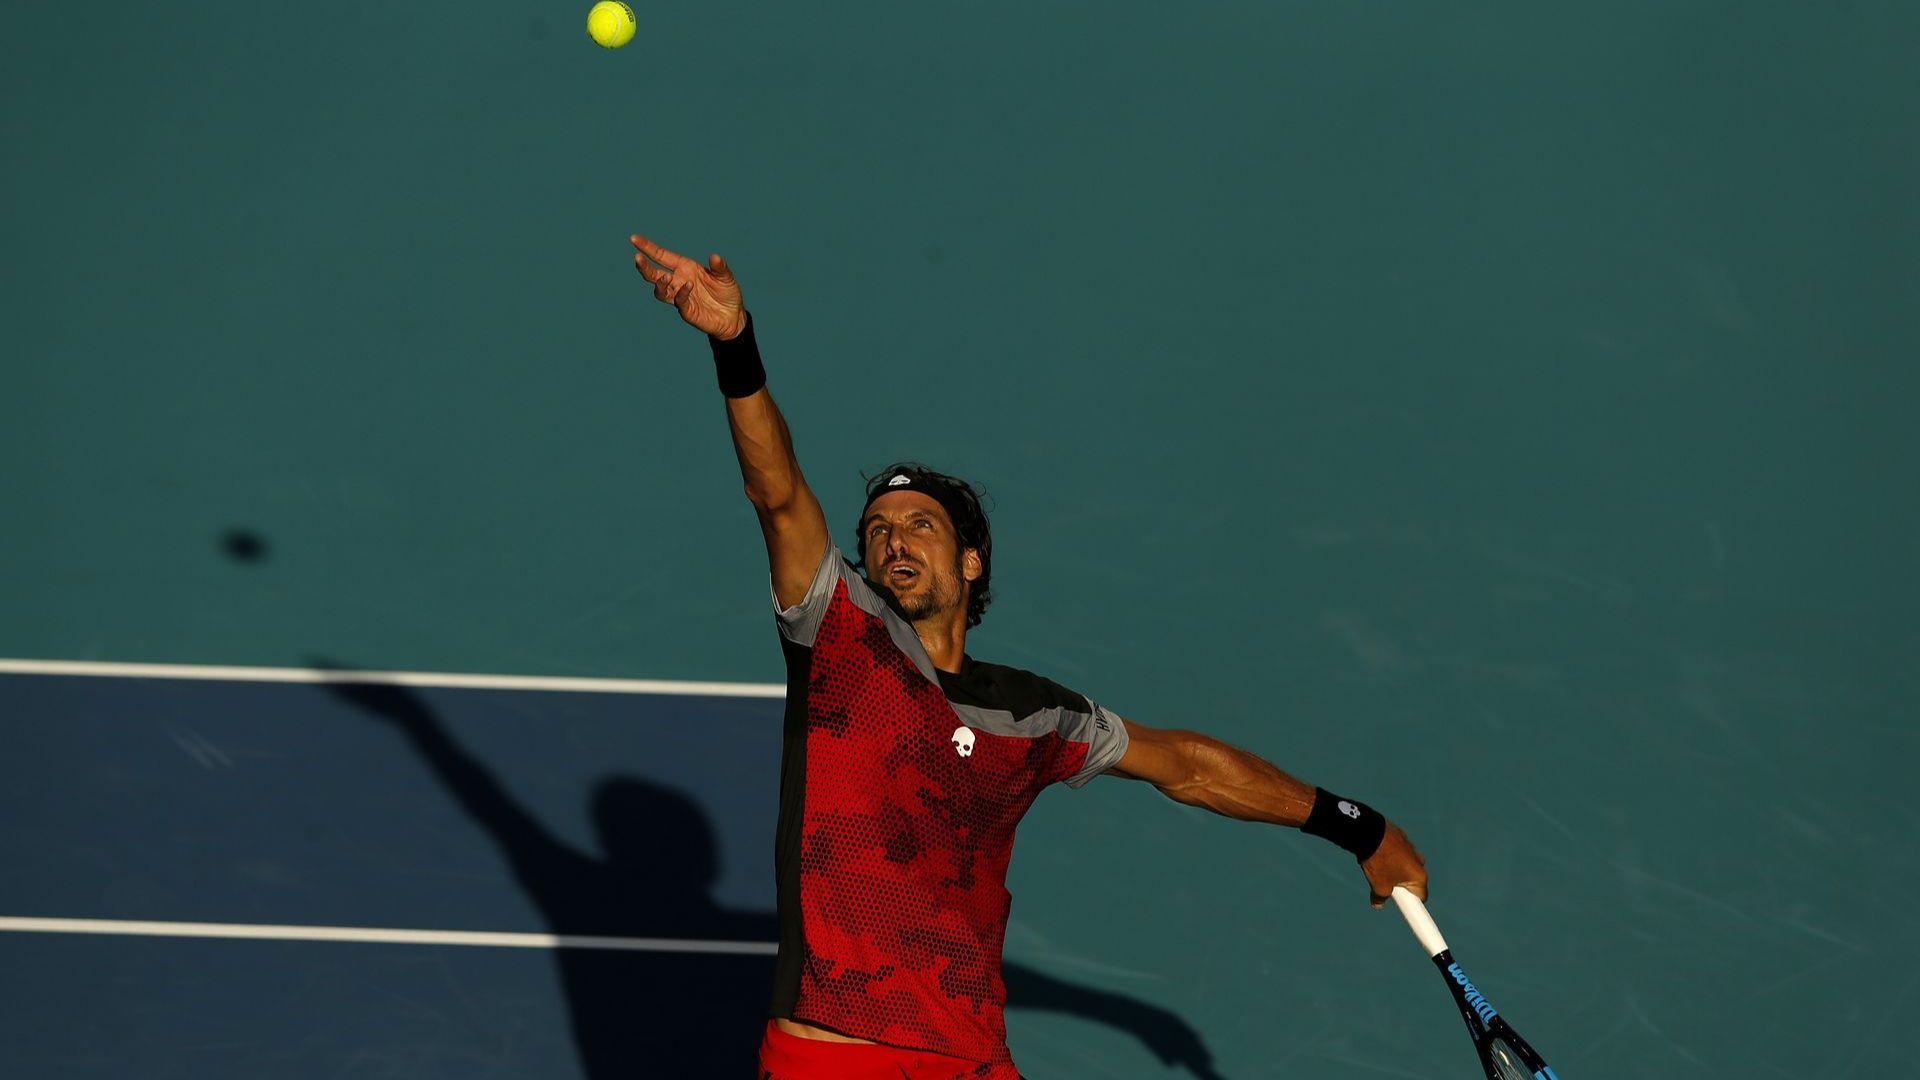 Първо голямо име изплува в скандала с уредени мачове в тениса